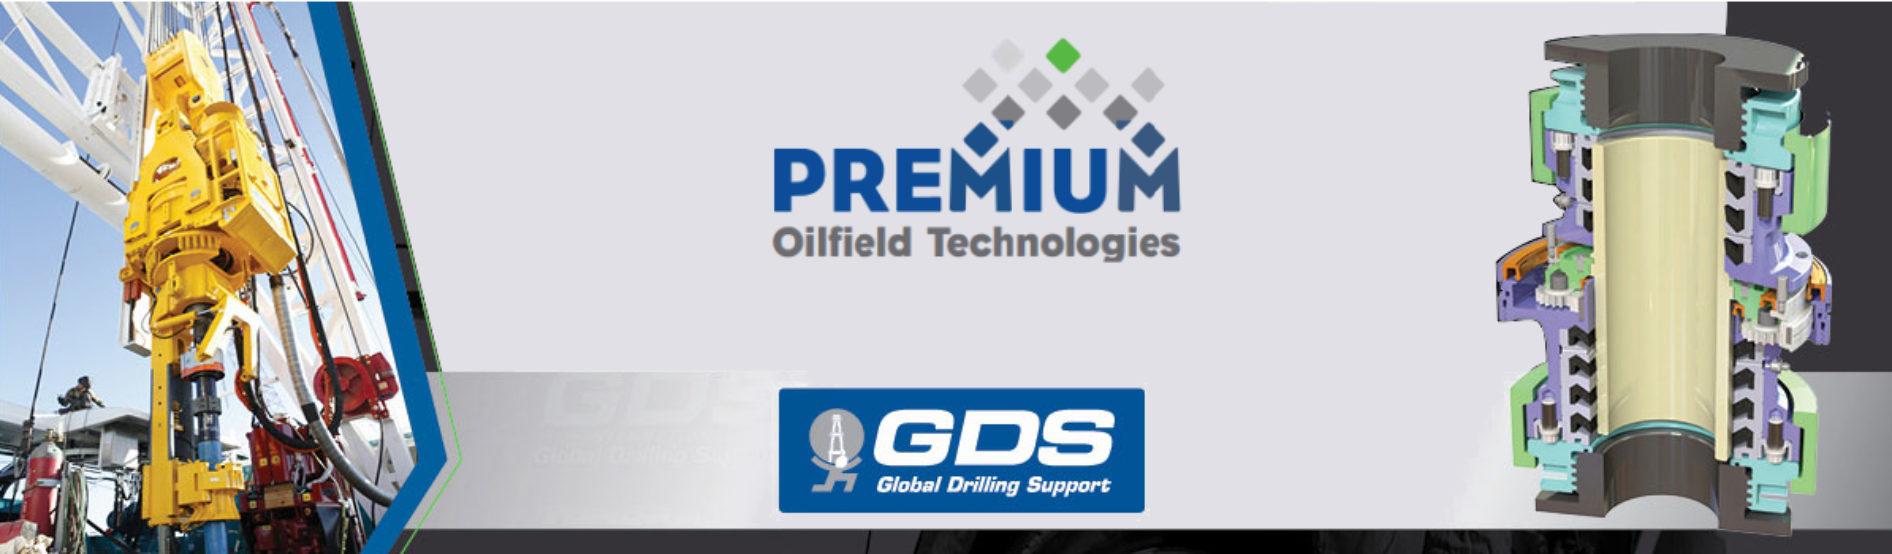 PRO-GDS-PRemium-banner